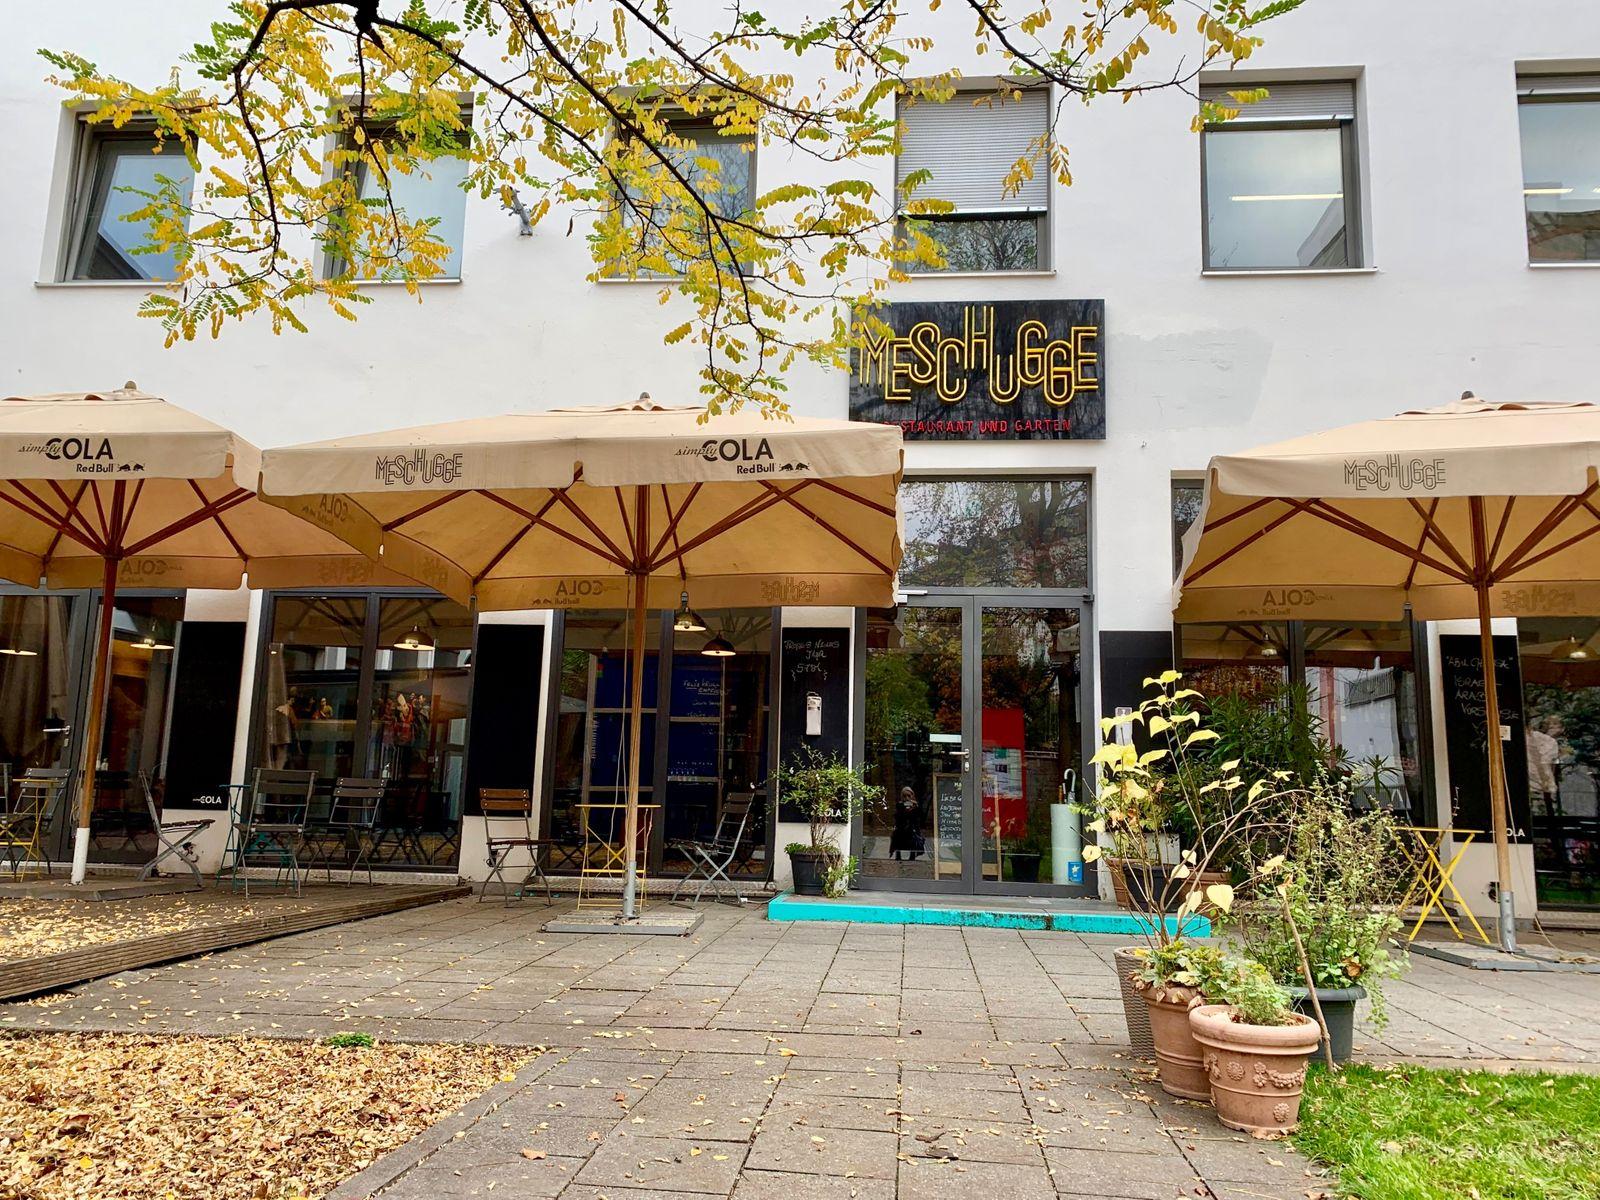 Restaurant_Meschugge_MG_5725